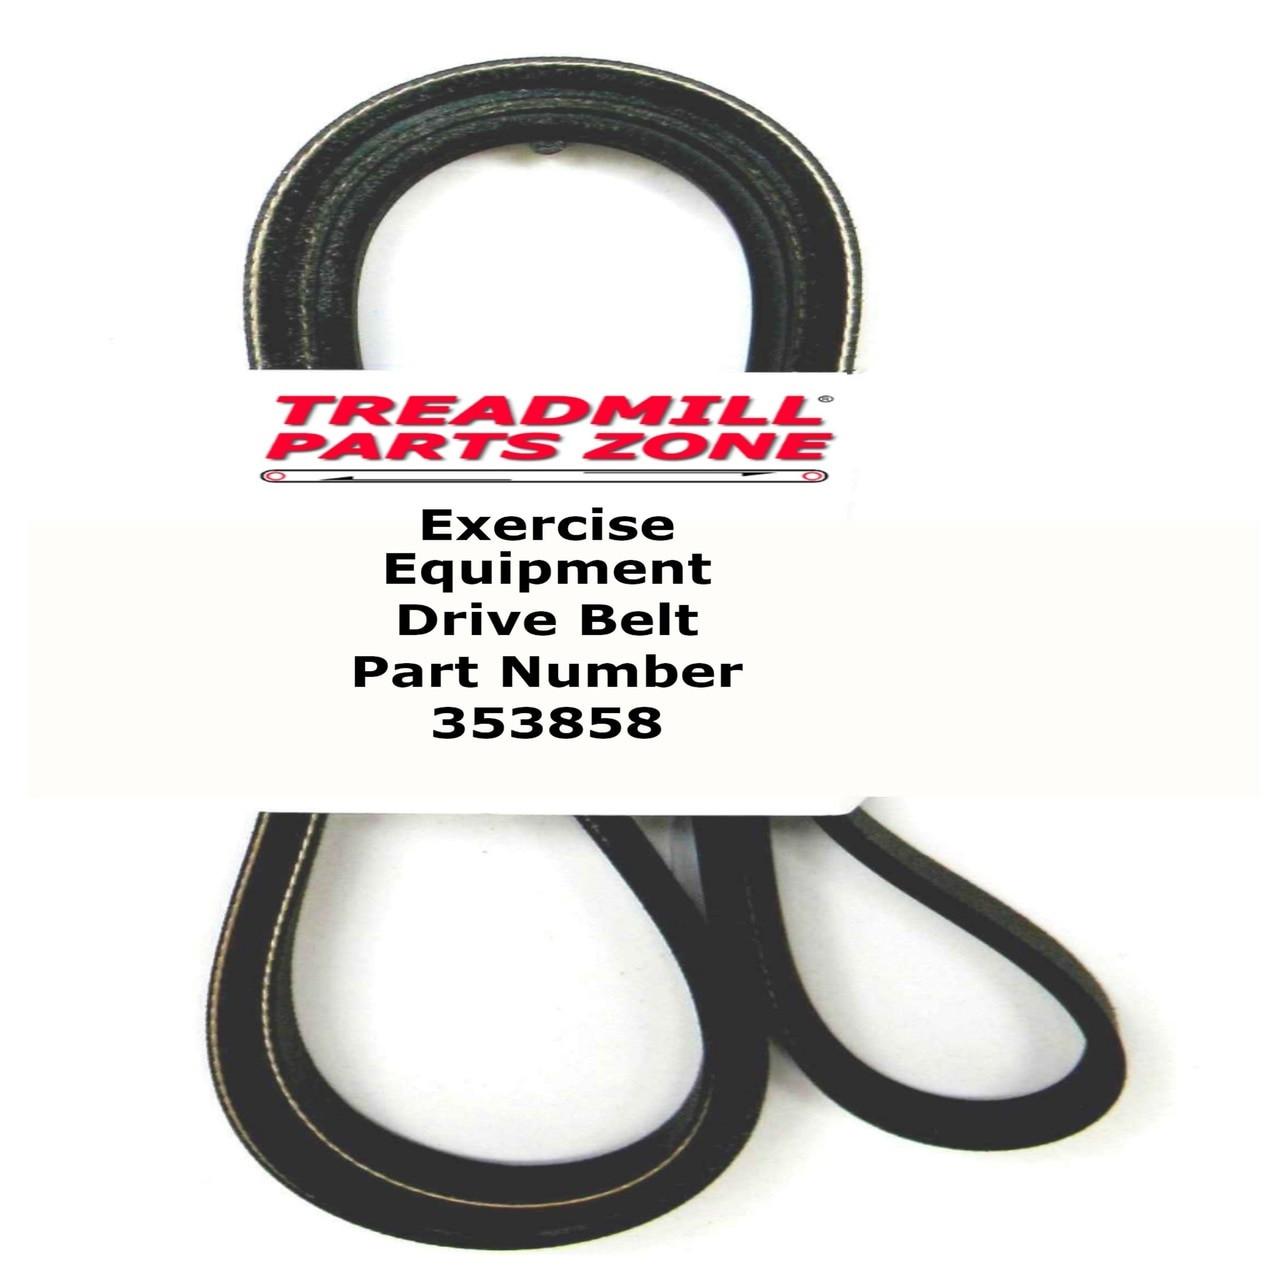 Part # 353858 NordicTrack ProForm FreeMotion Elliptical Drive Belt